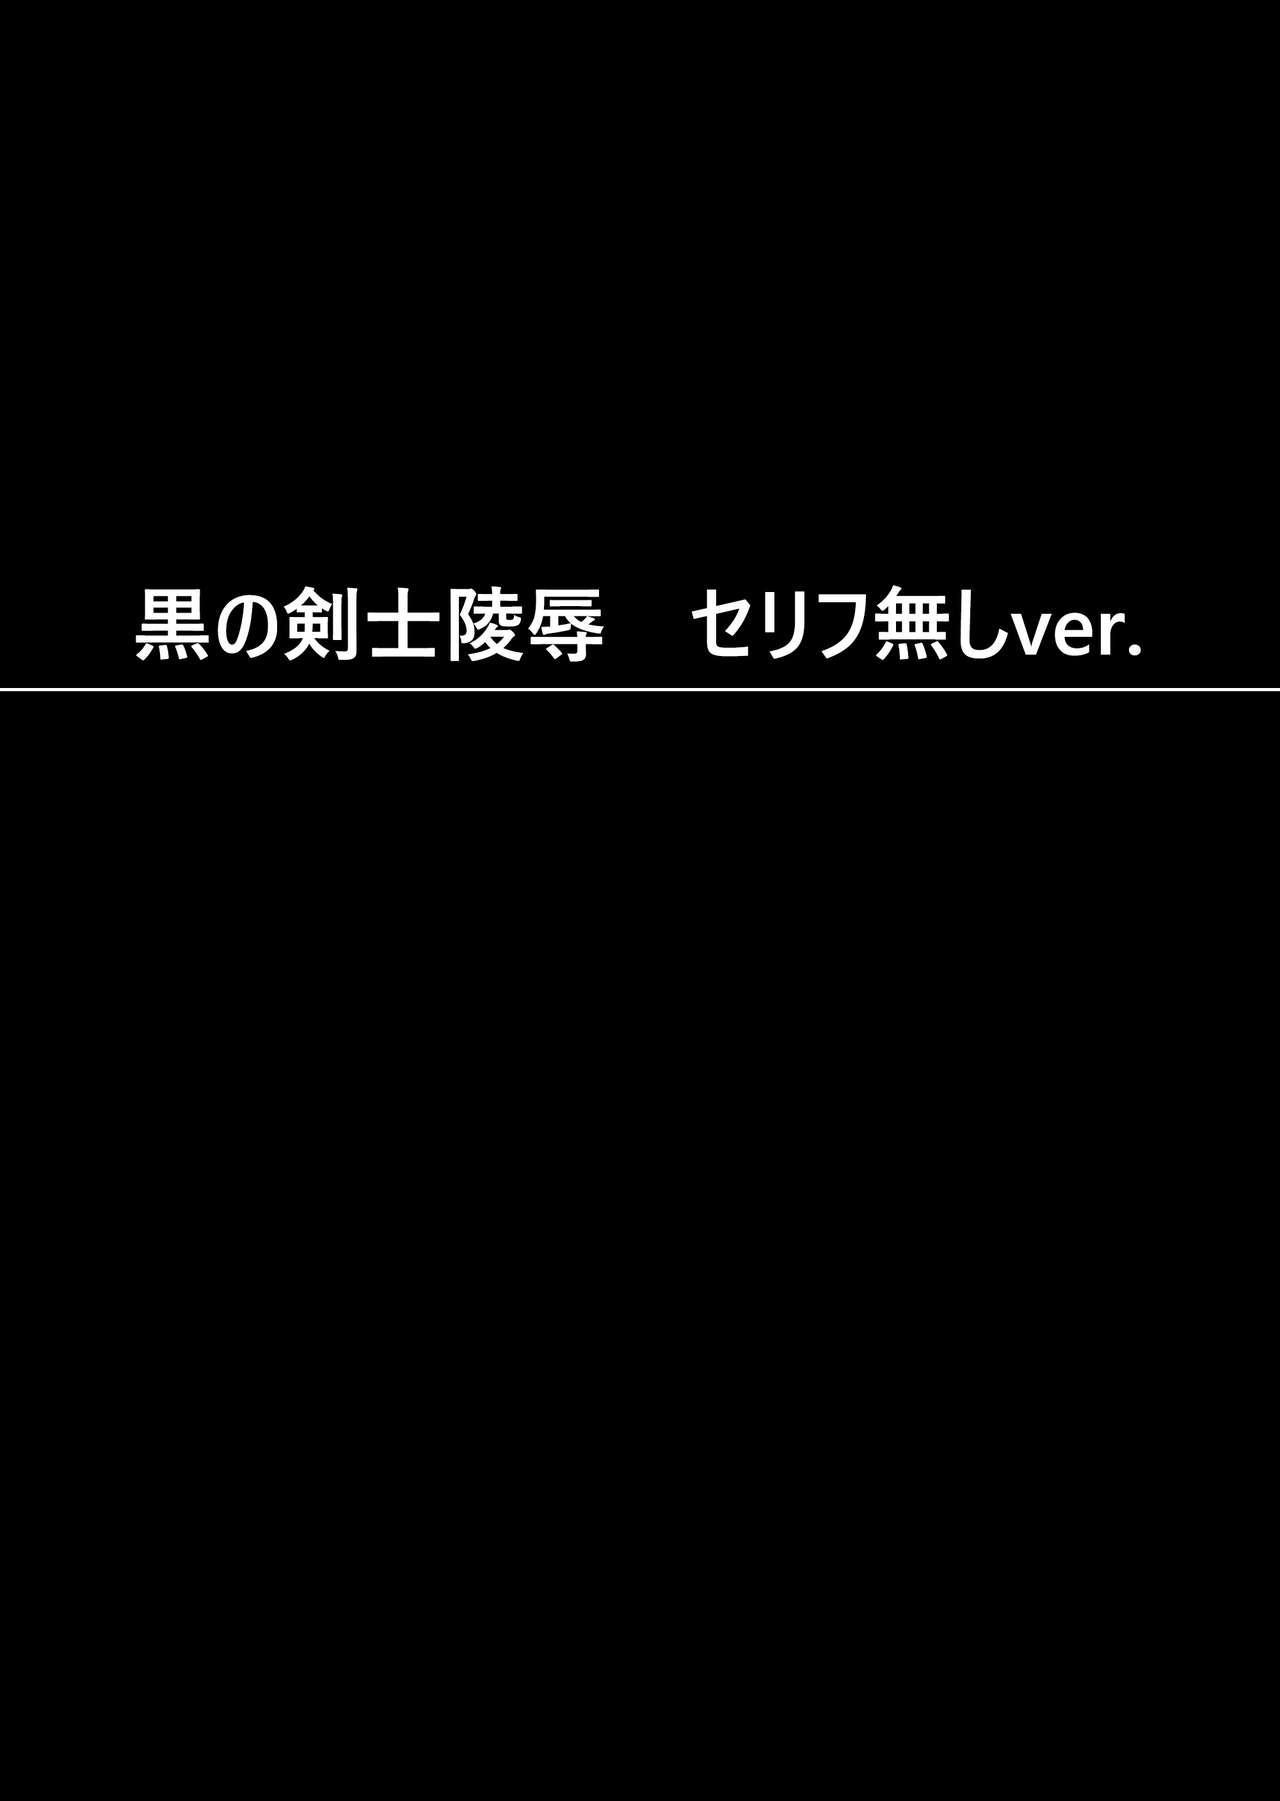 Kuro no Kenshi Ryoujoku 56